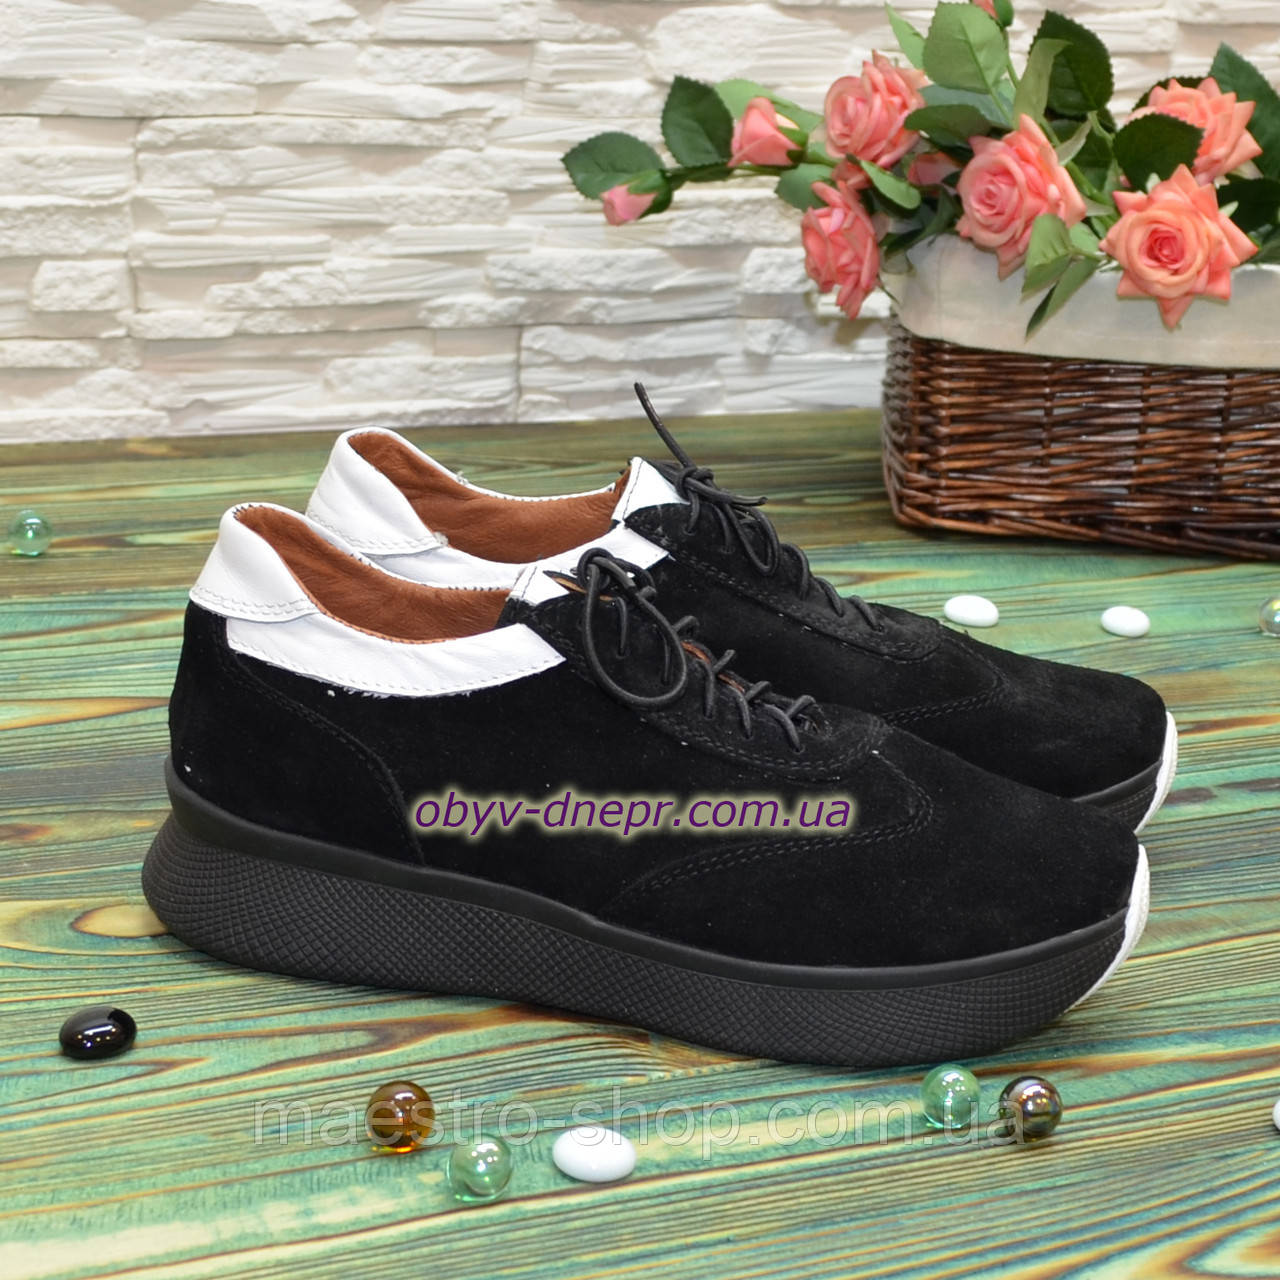 Кроссовки женские комбинированные на утолщенной подошве, цвет черный/белый